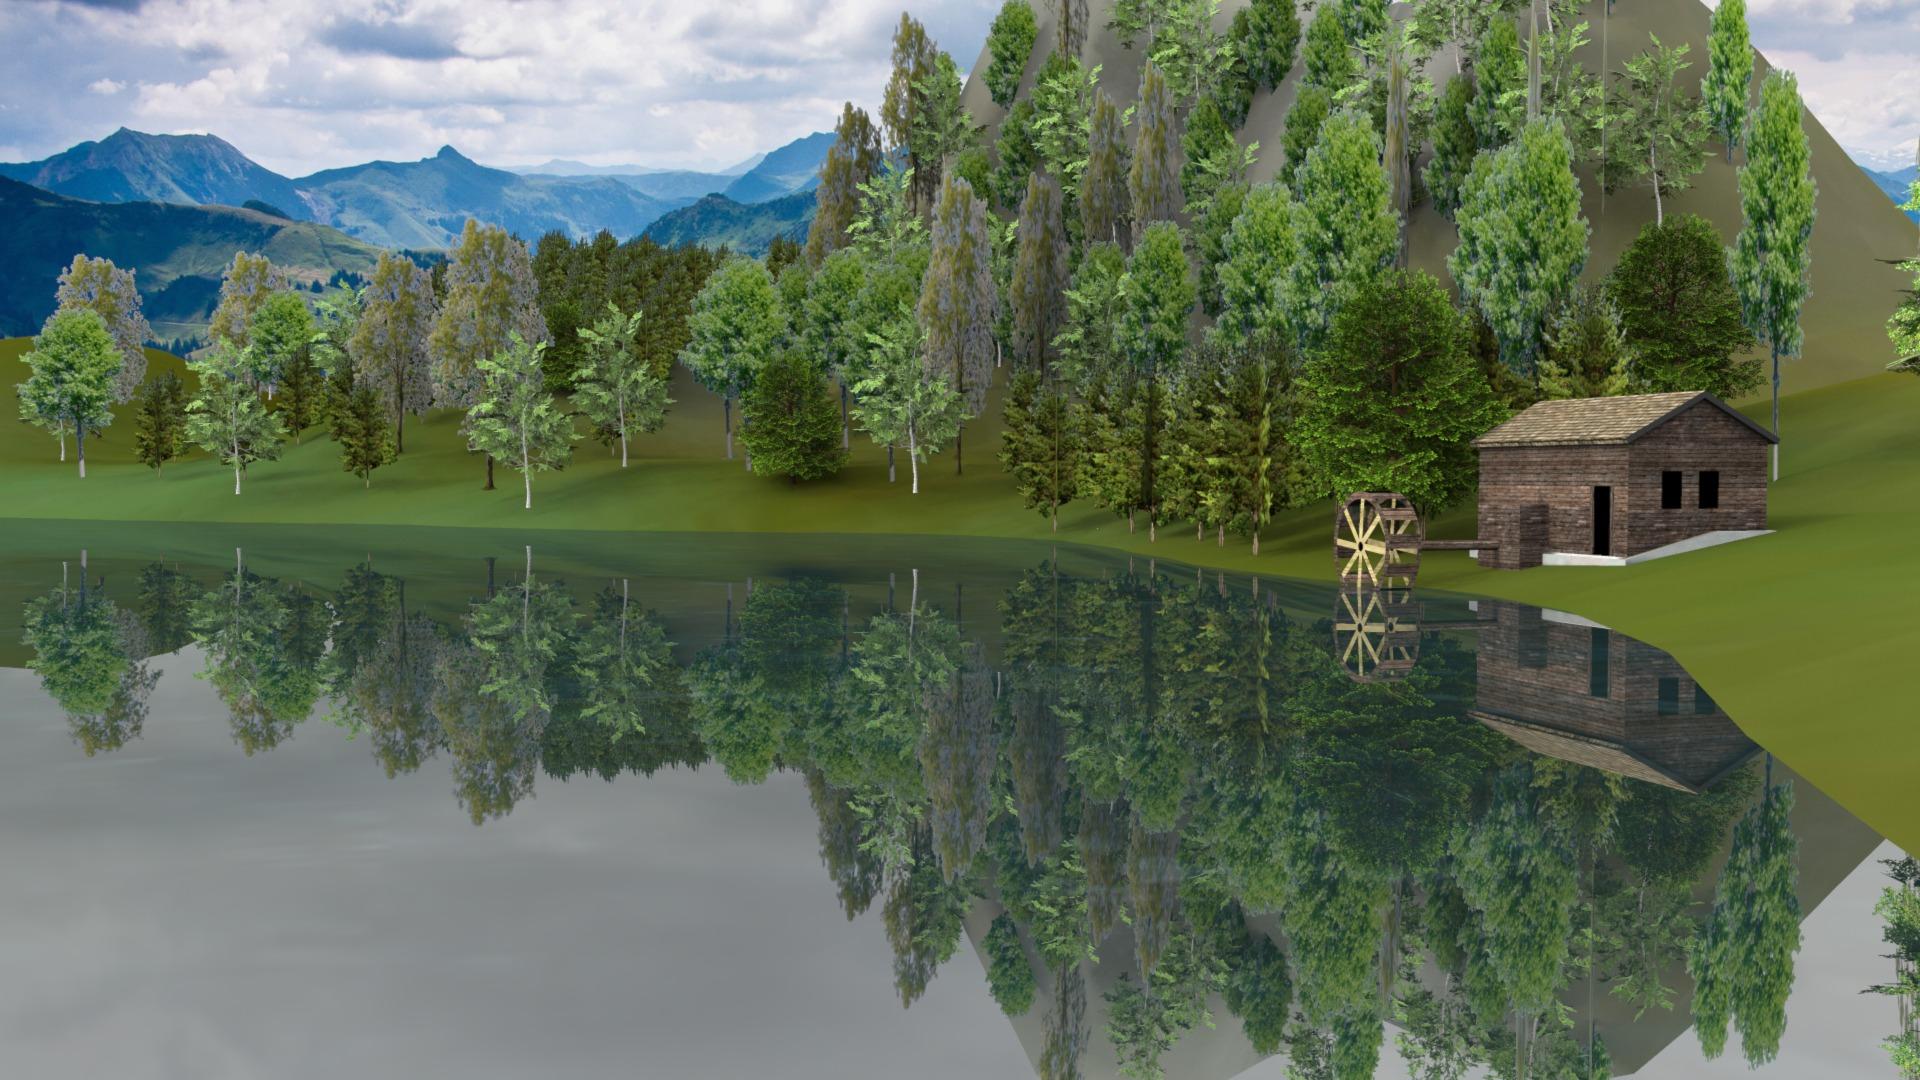 Lake Superior Wallpaper Scenes Wallpapersafari